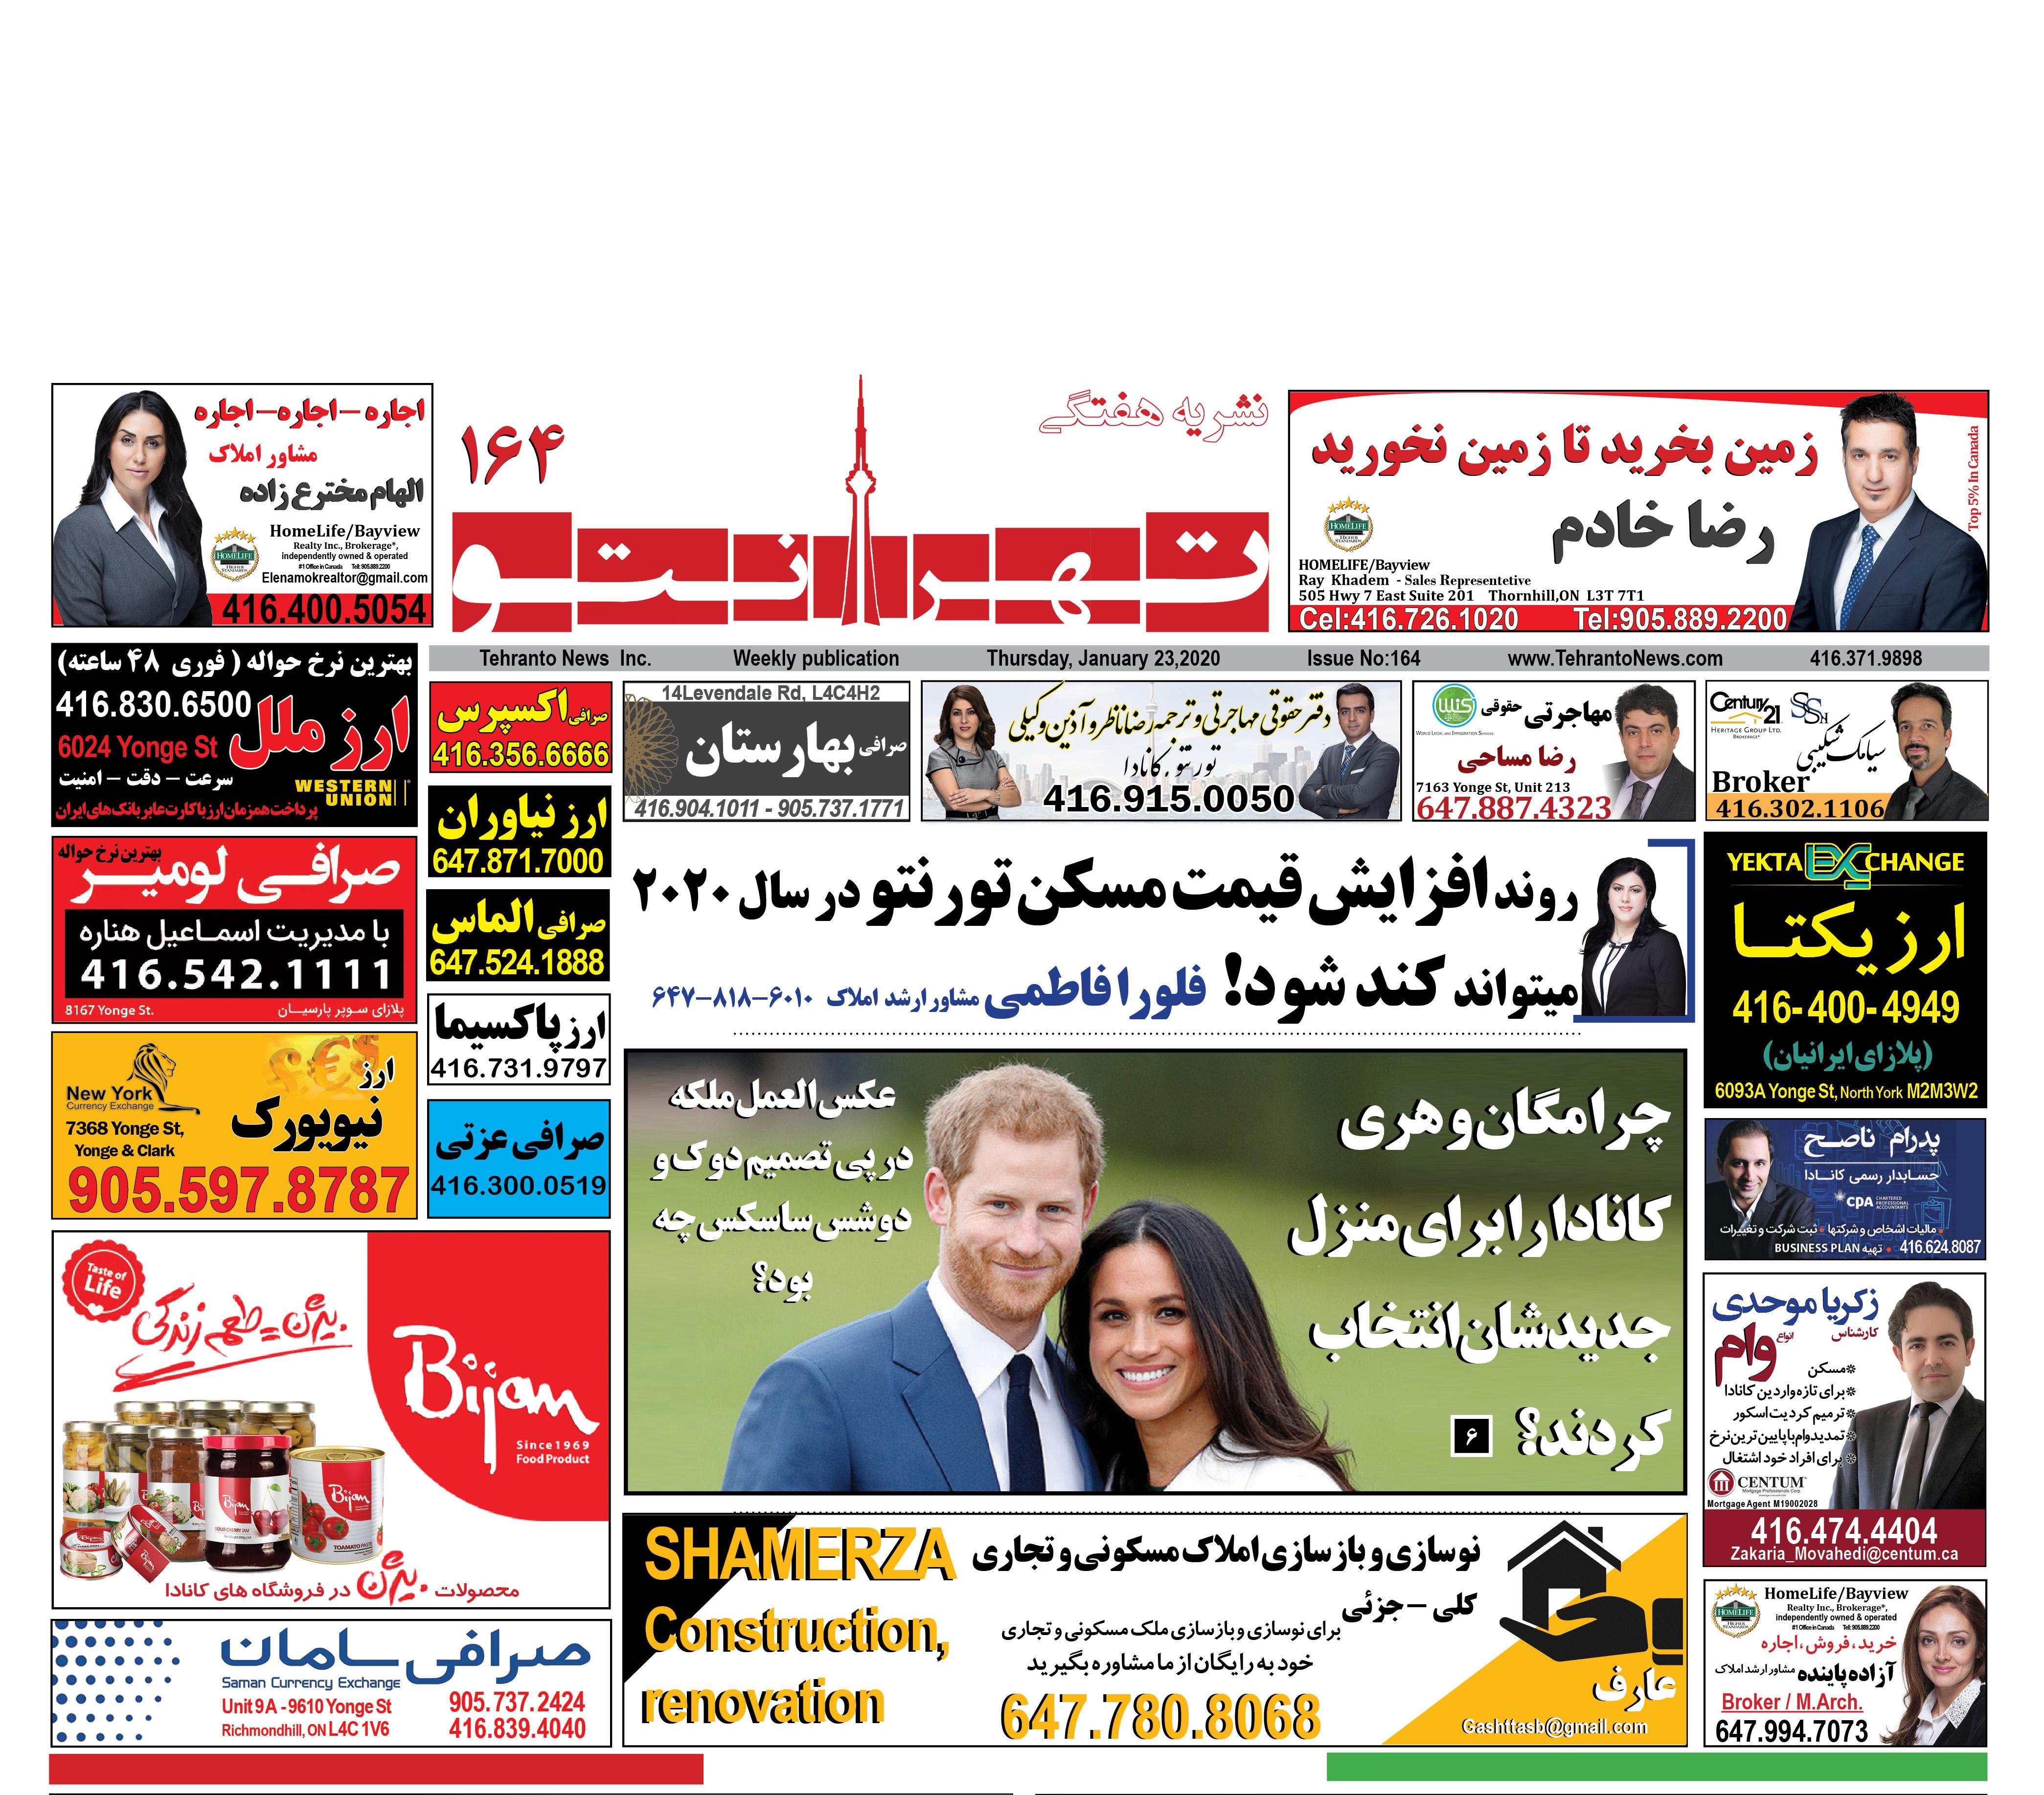 تصویر از نشریه شماره ۱۶۴ تهرانتو منتشر شد